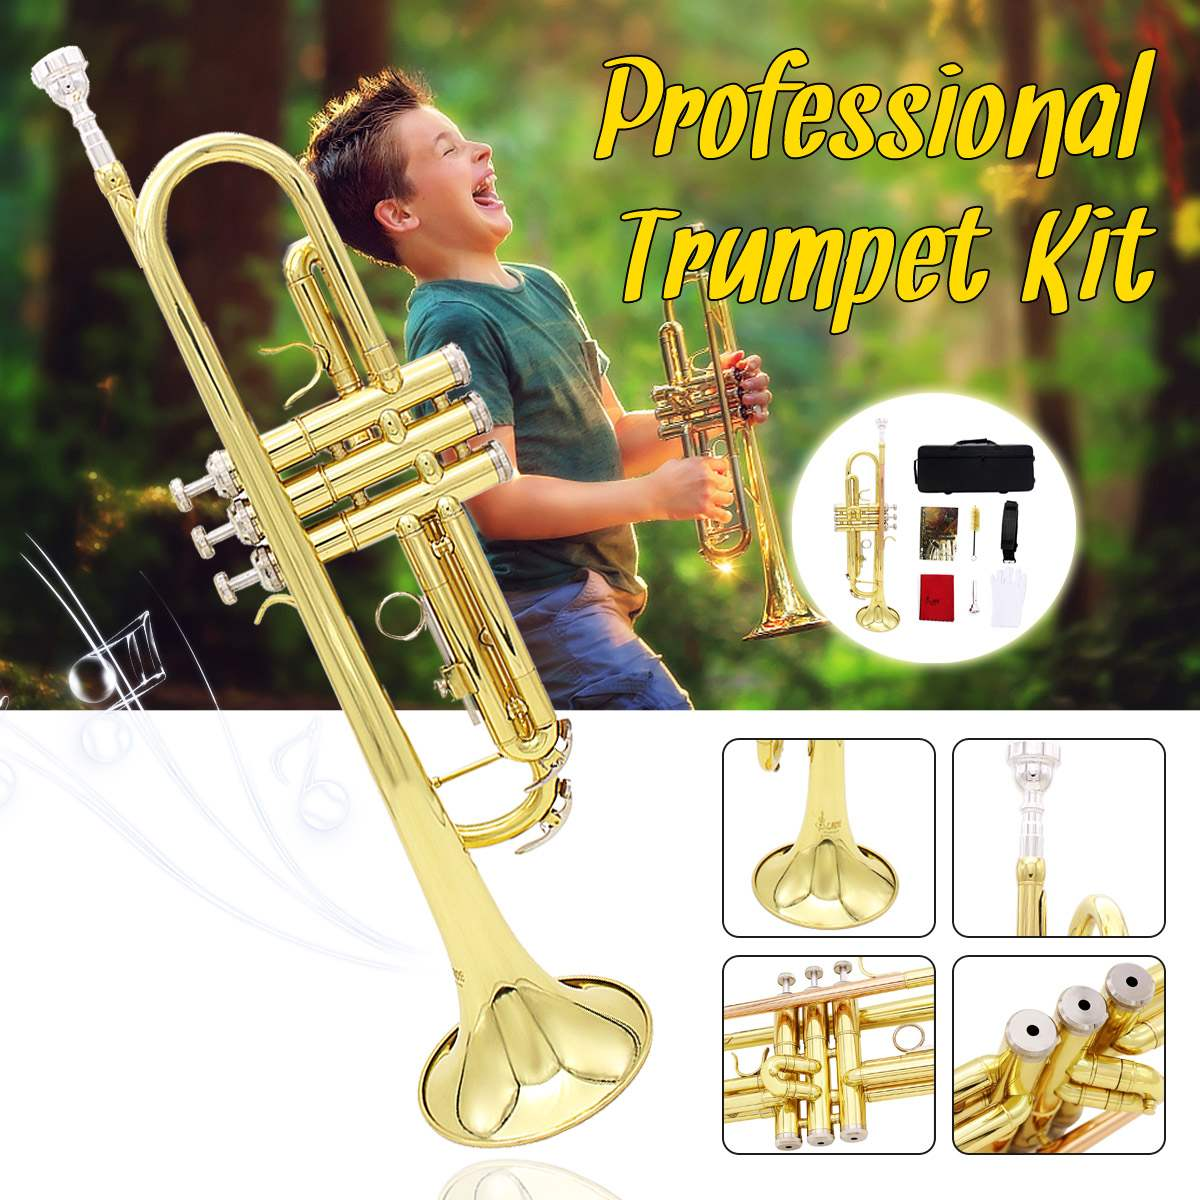 Профессиональные латунные Музыкальные инструменты труба с сумкой латунная Золотая труба цифровая Механическая сварочная труба музыка принимает - 2